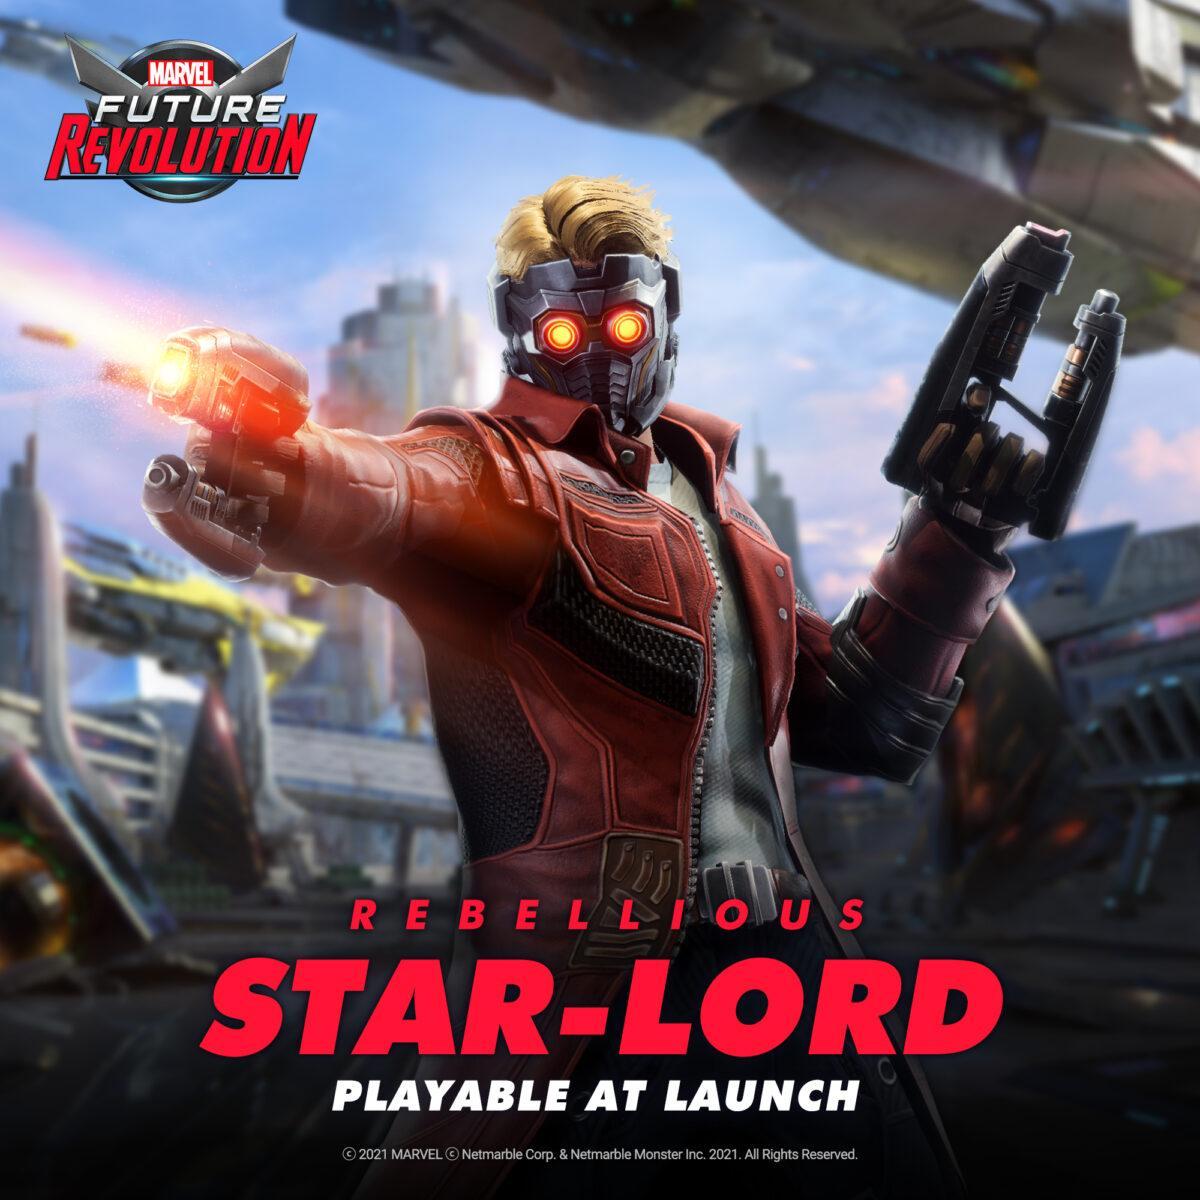 star-lord marvel future revolution 1